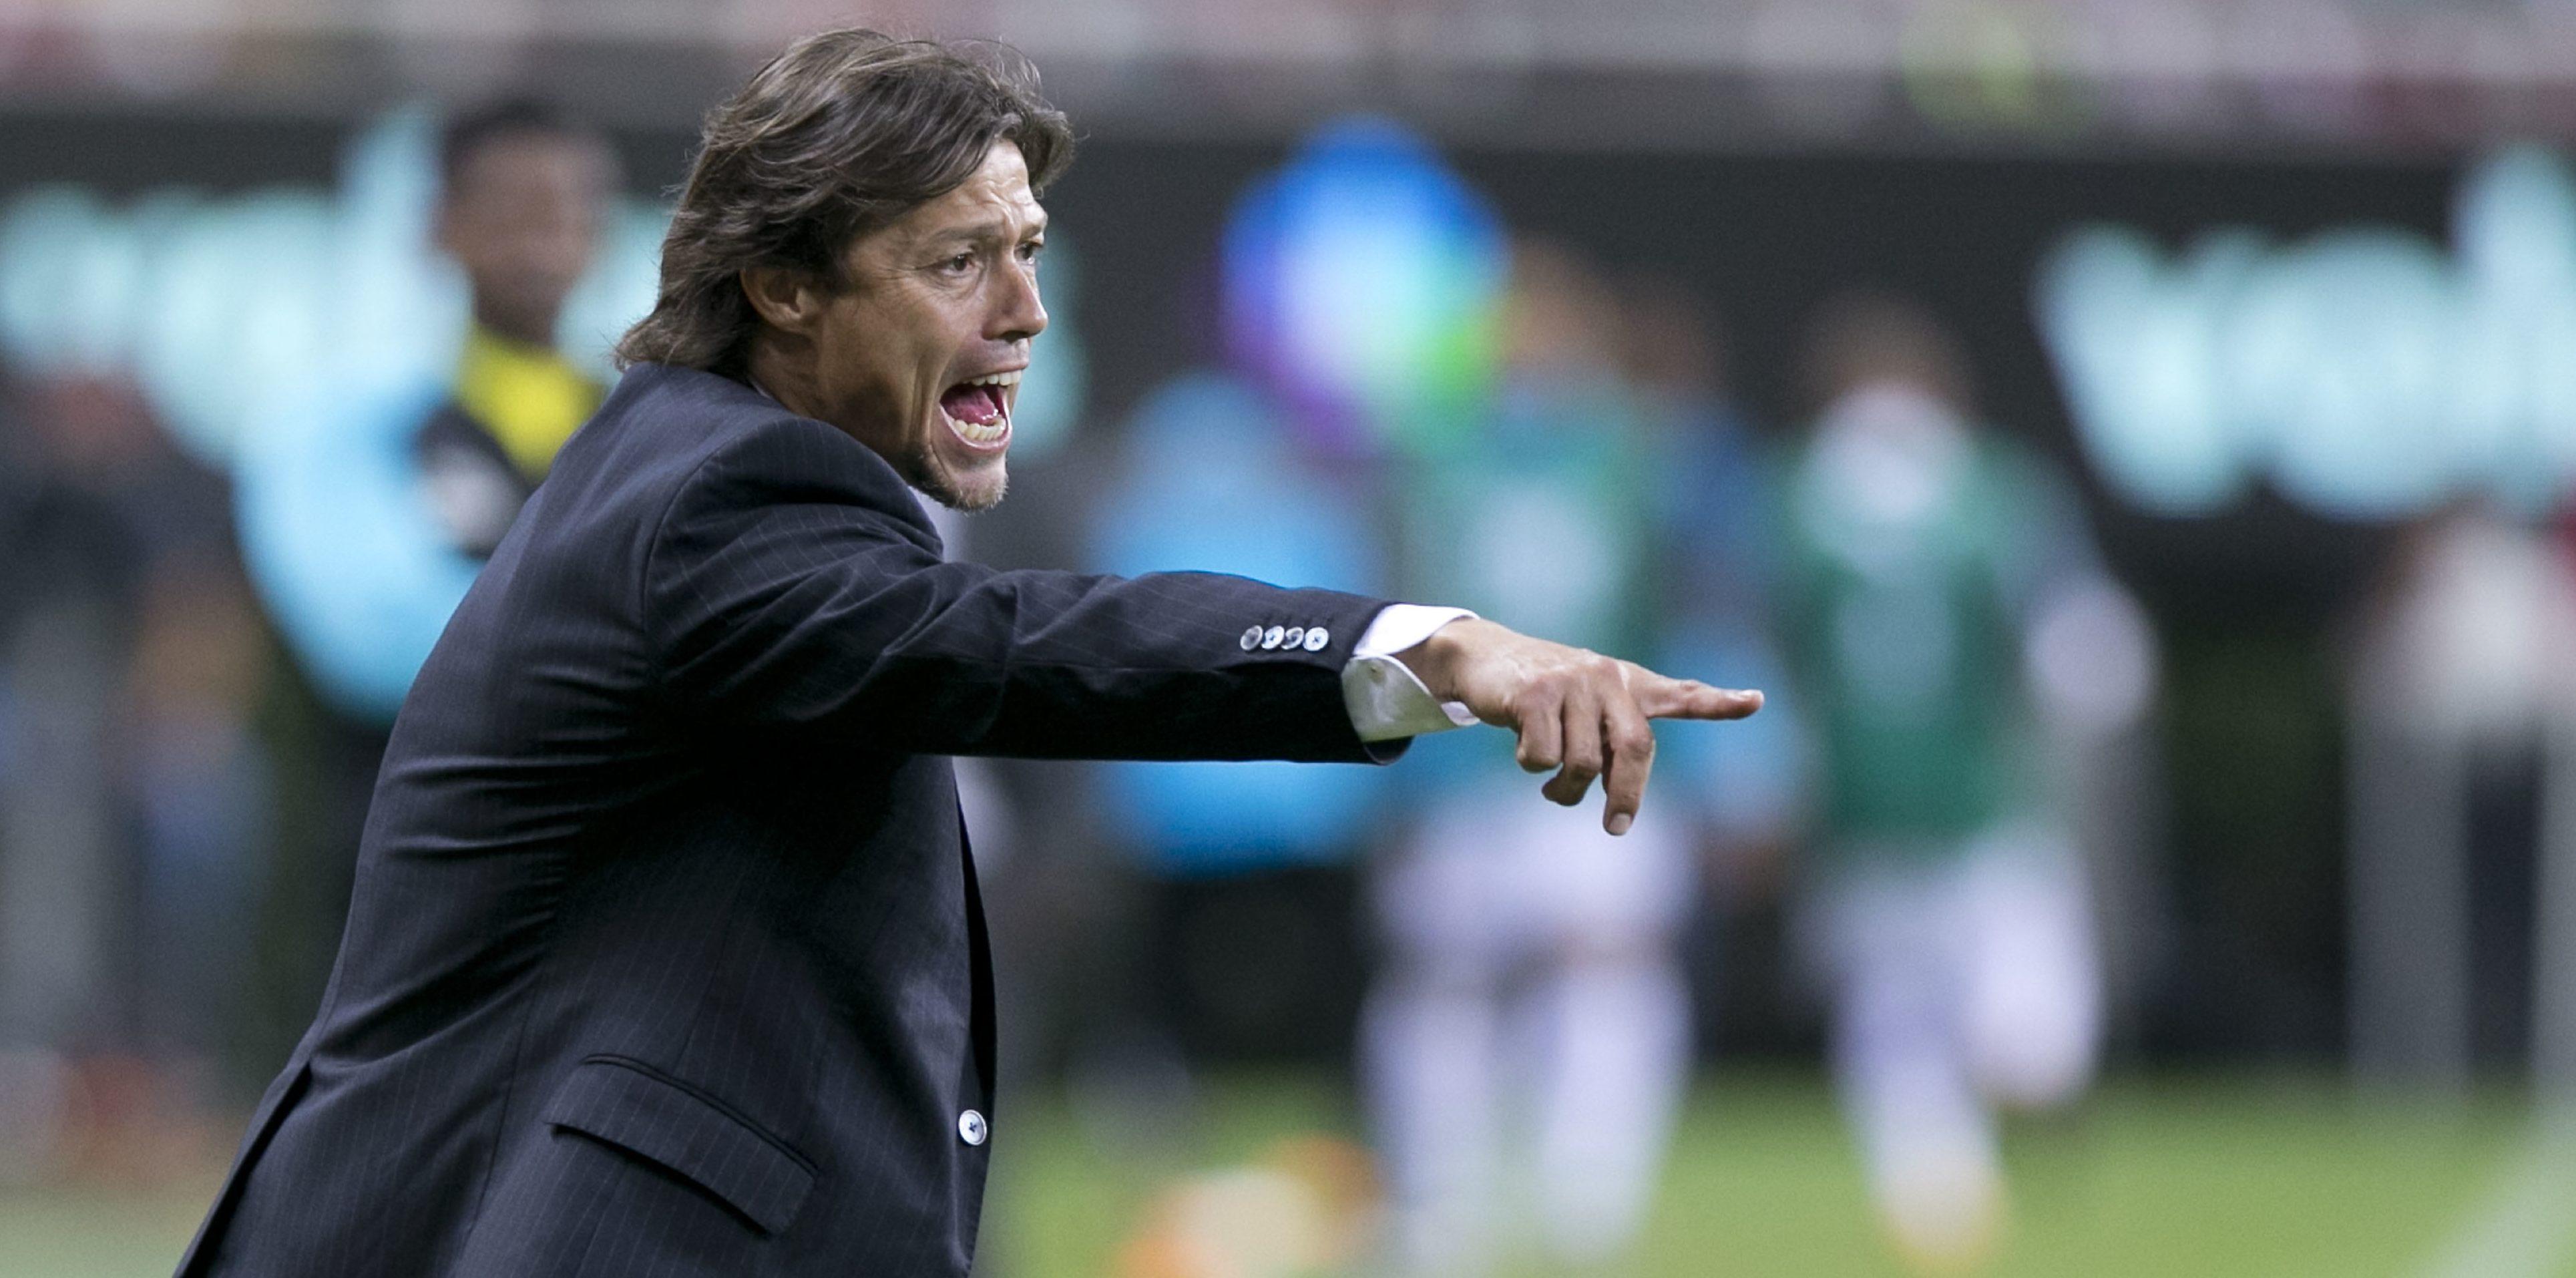 Matías Almeyda, Atlético Nacional, Equipo Colombiano, Entrenador